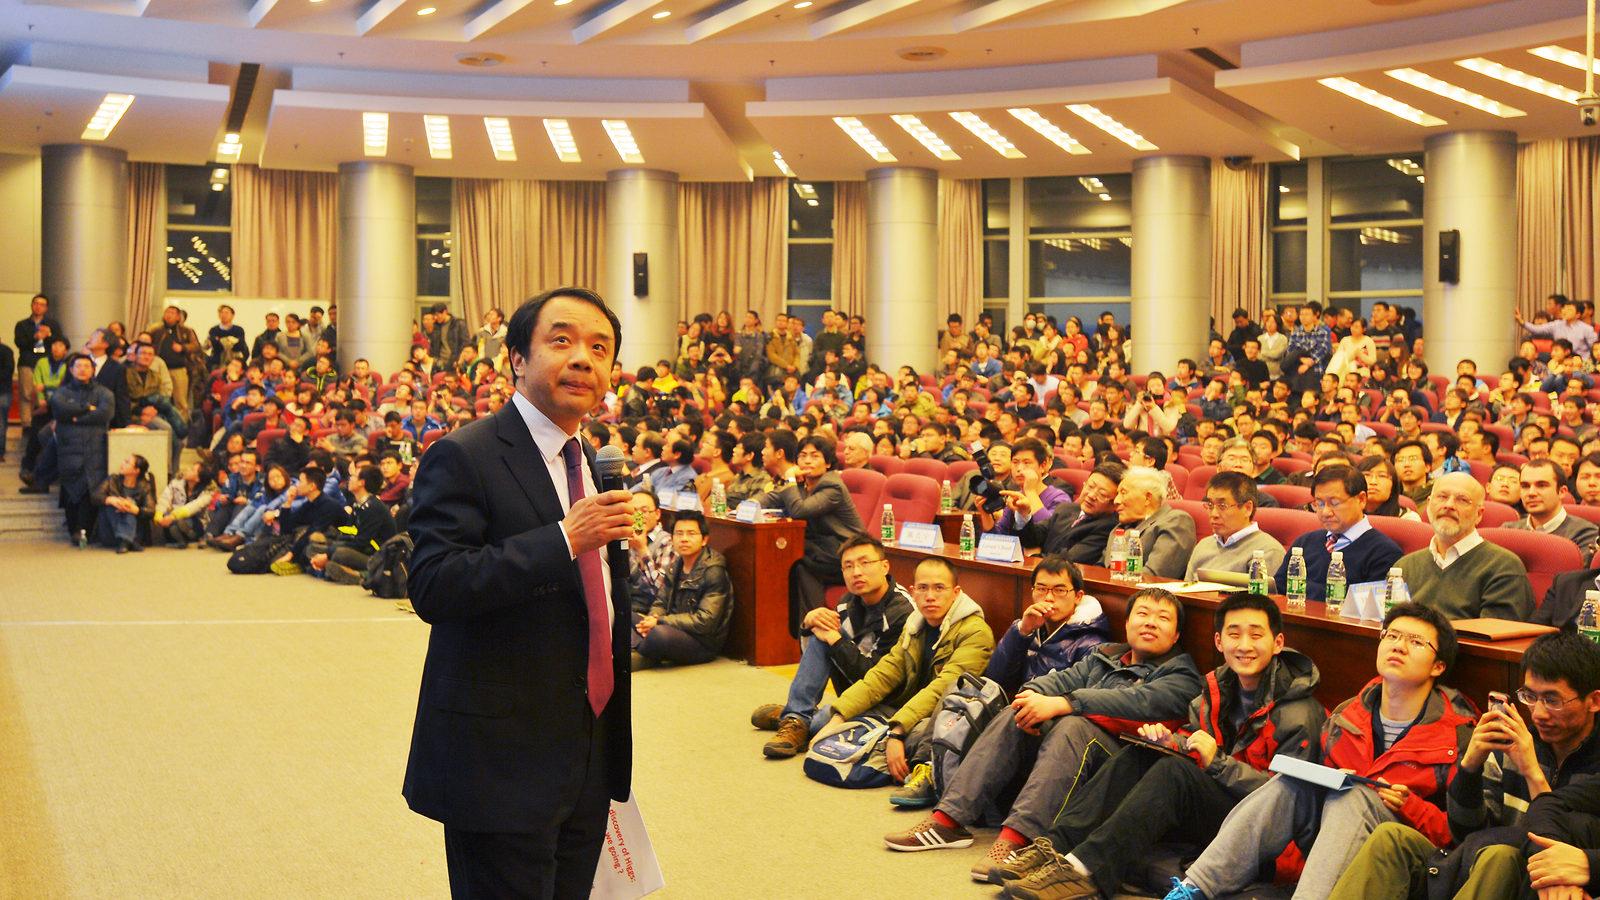 Photo of Yifang Wang